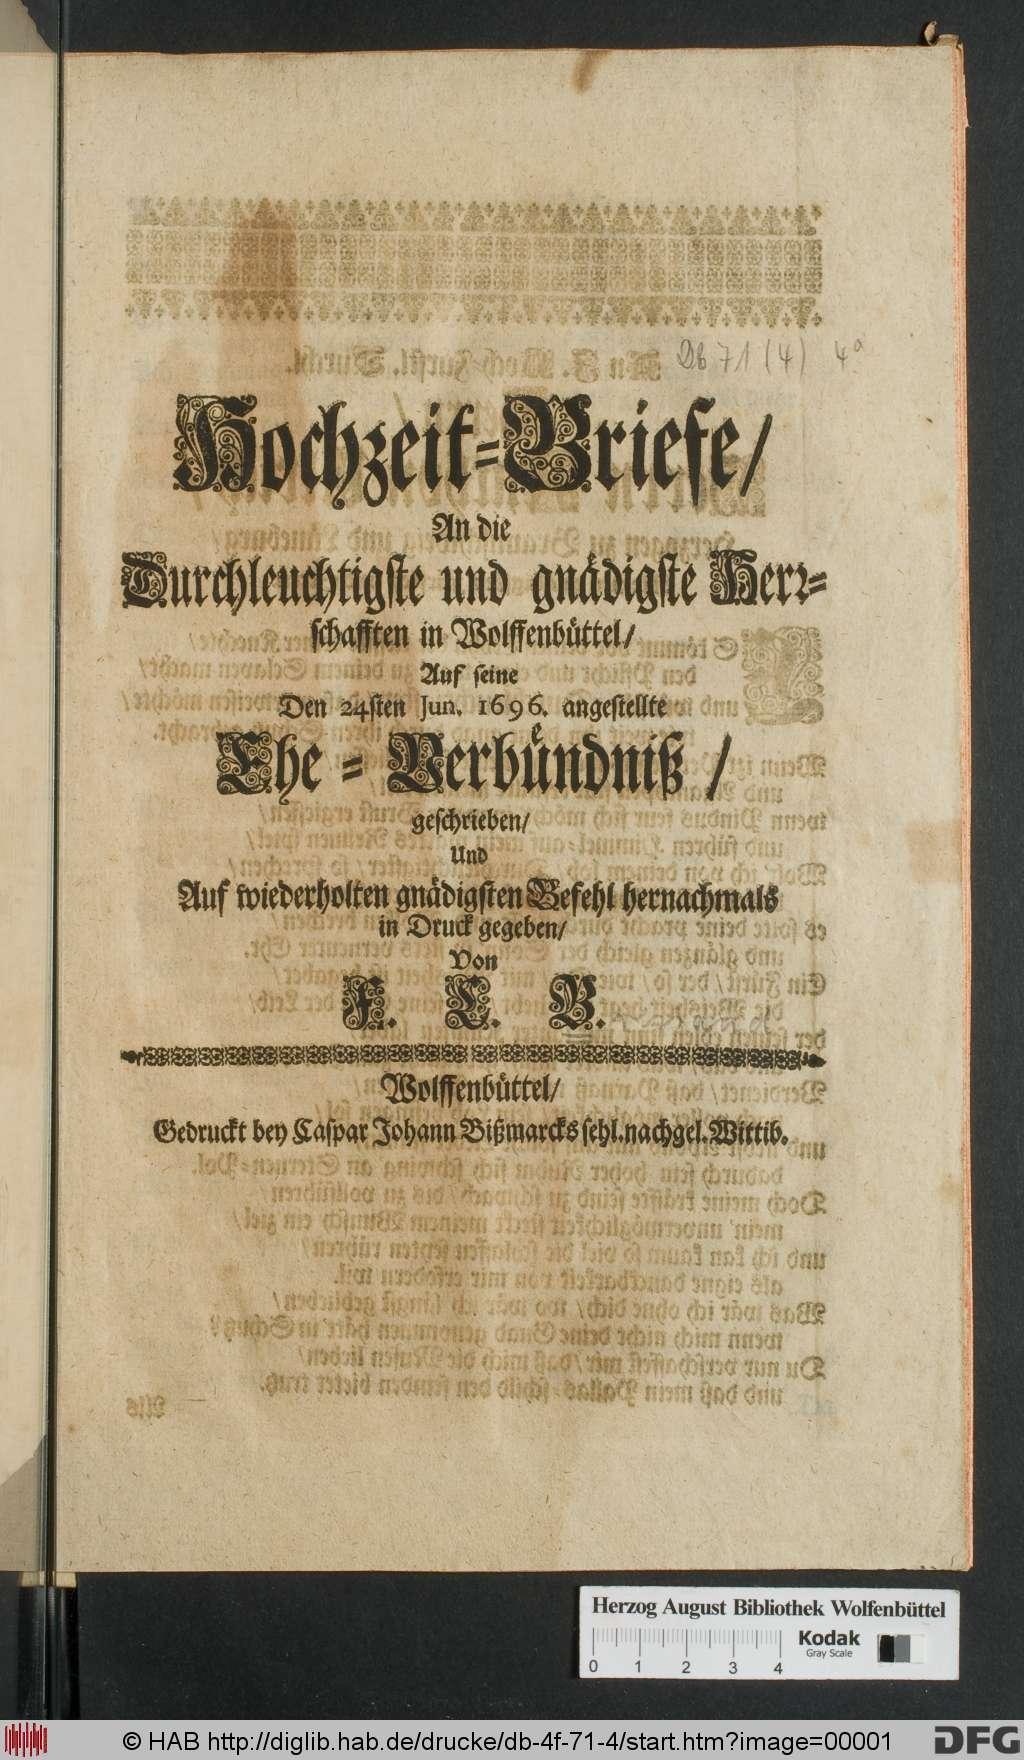 http://diglib.hab.de/drucke/db-4f-71-4/00001.jpg